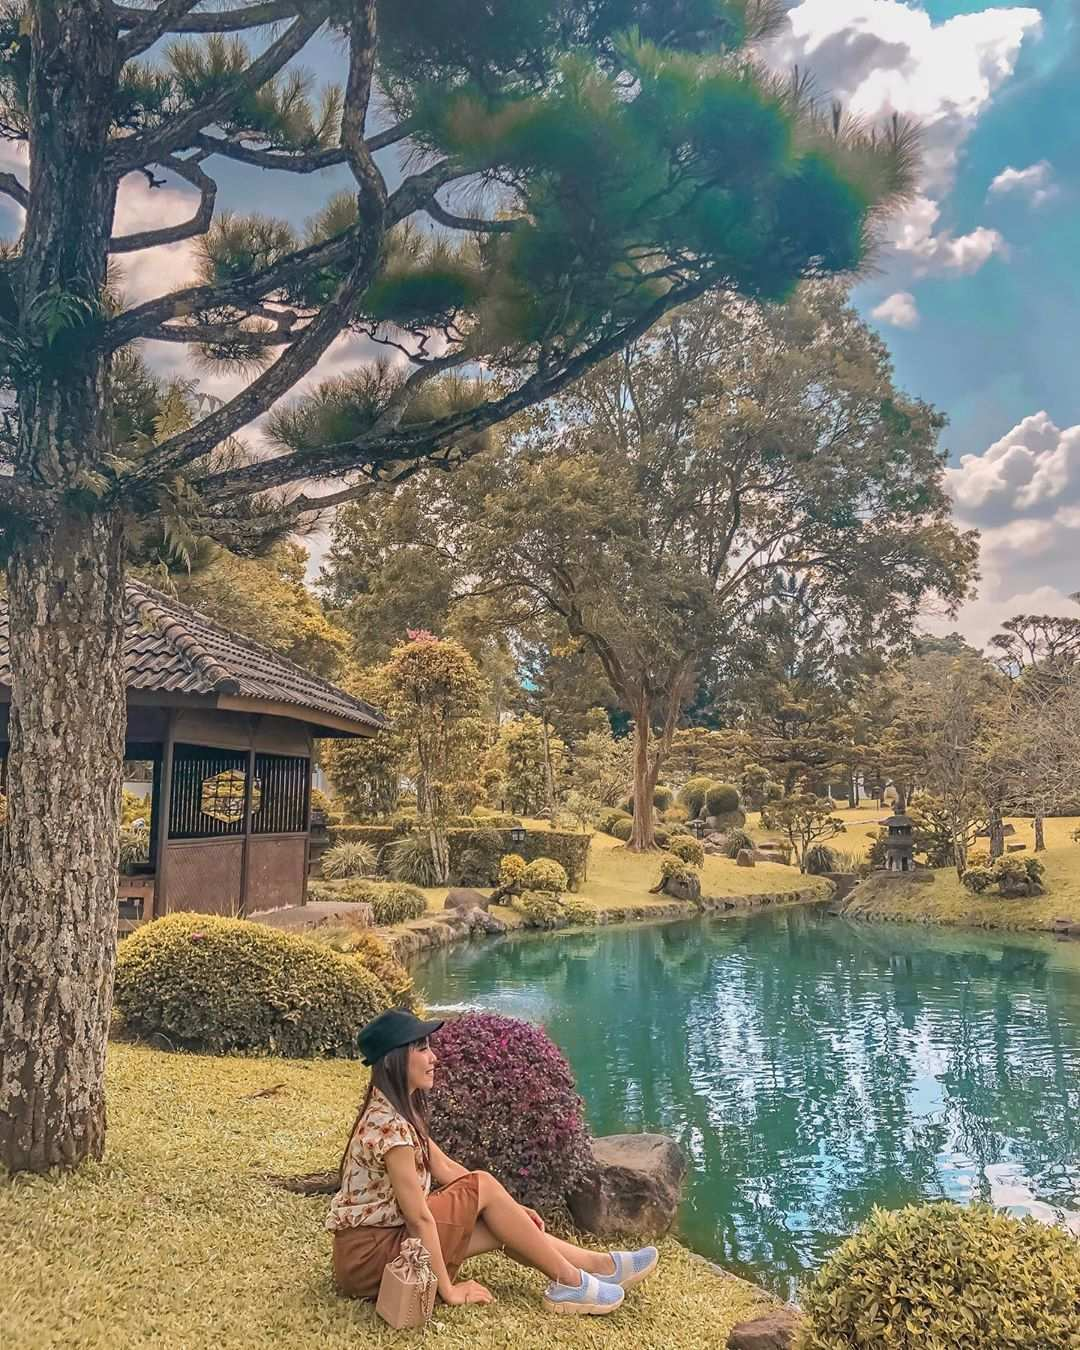 Bersantai di Taman Bunga NUsantara Image From @ekapwanda15